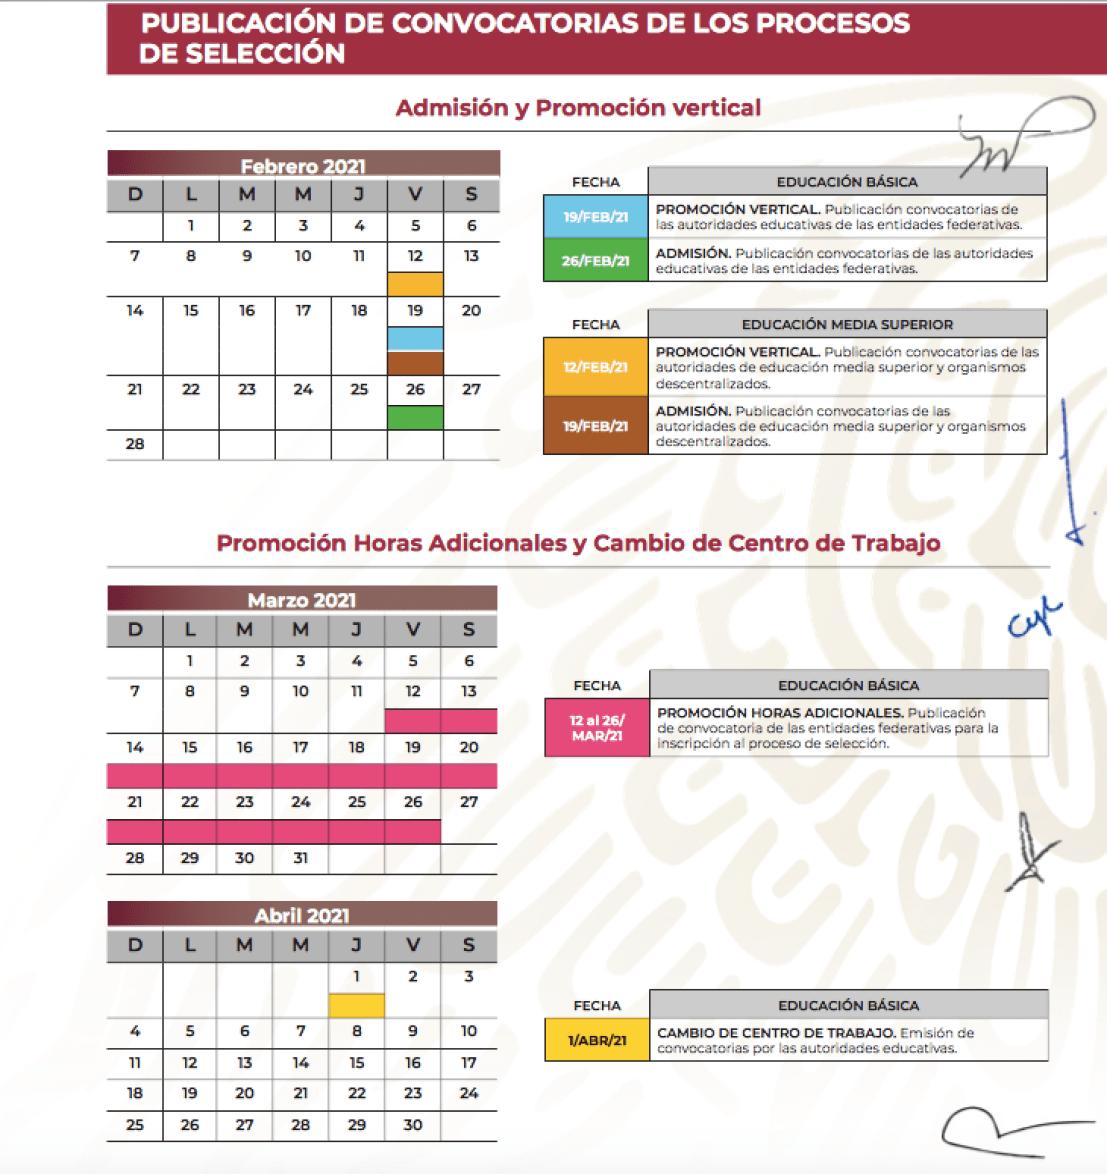 calendario Admisión y promoción vertical y promoción horas adicionales (SEP)